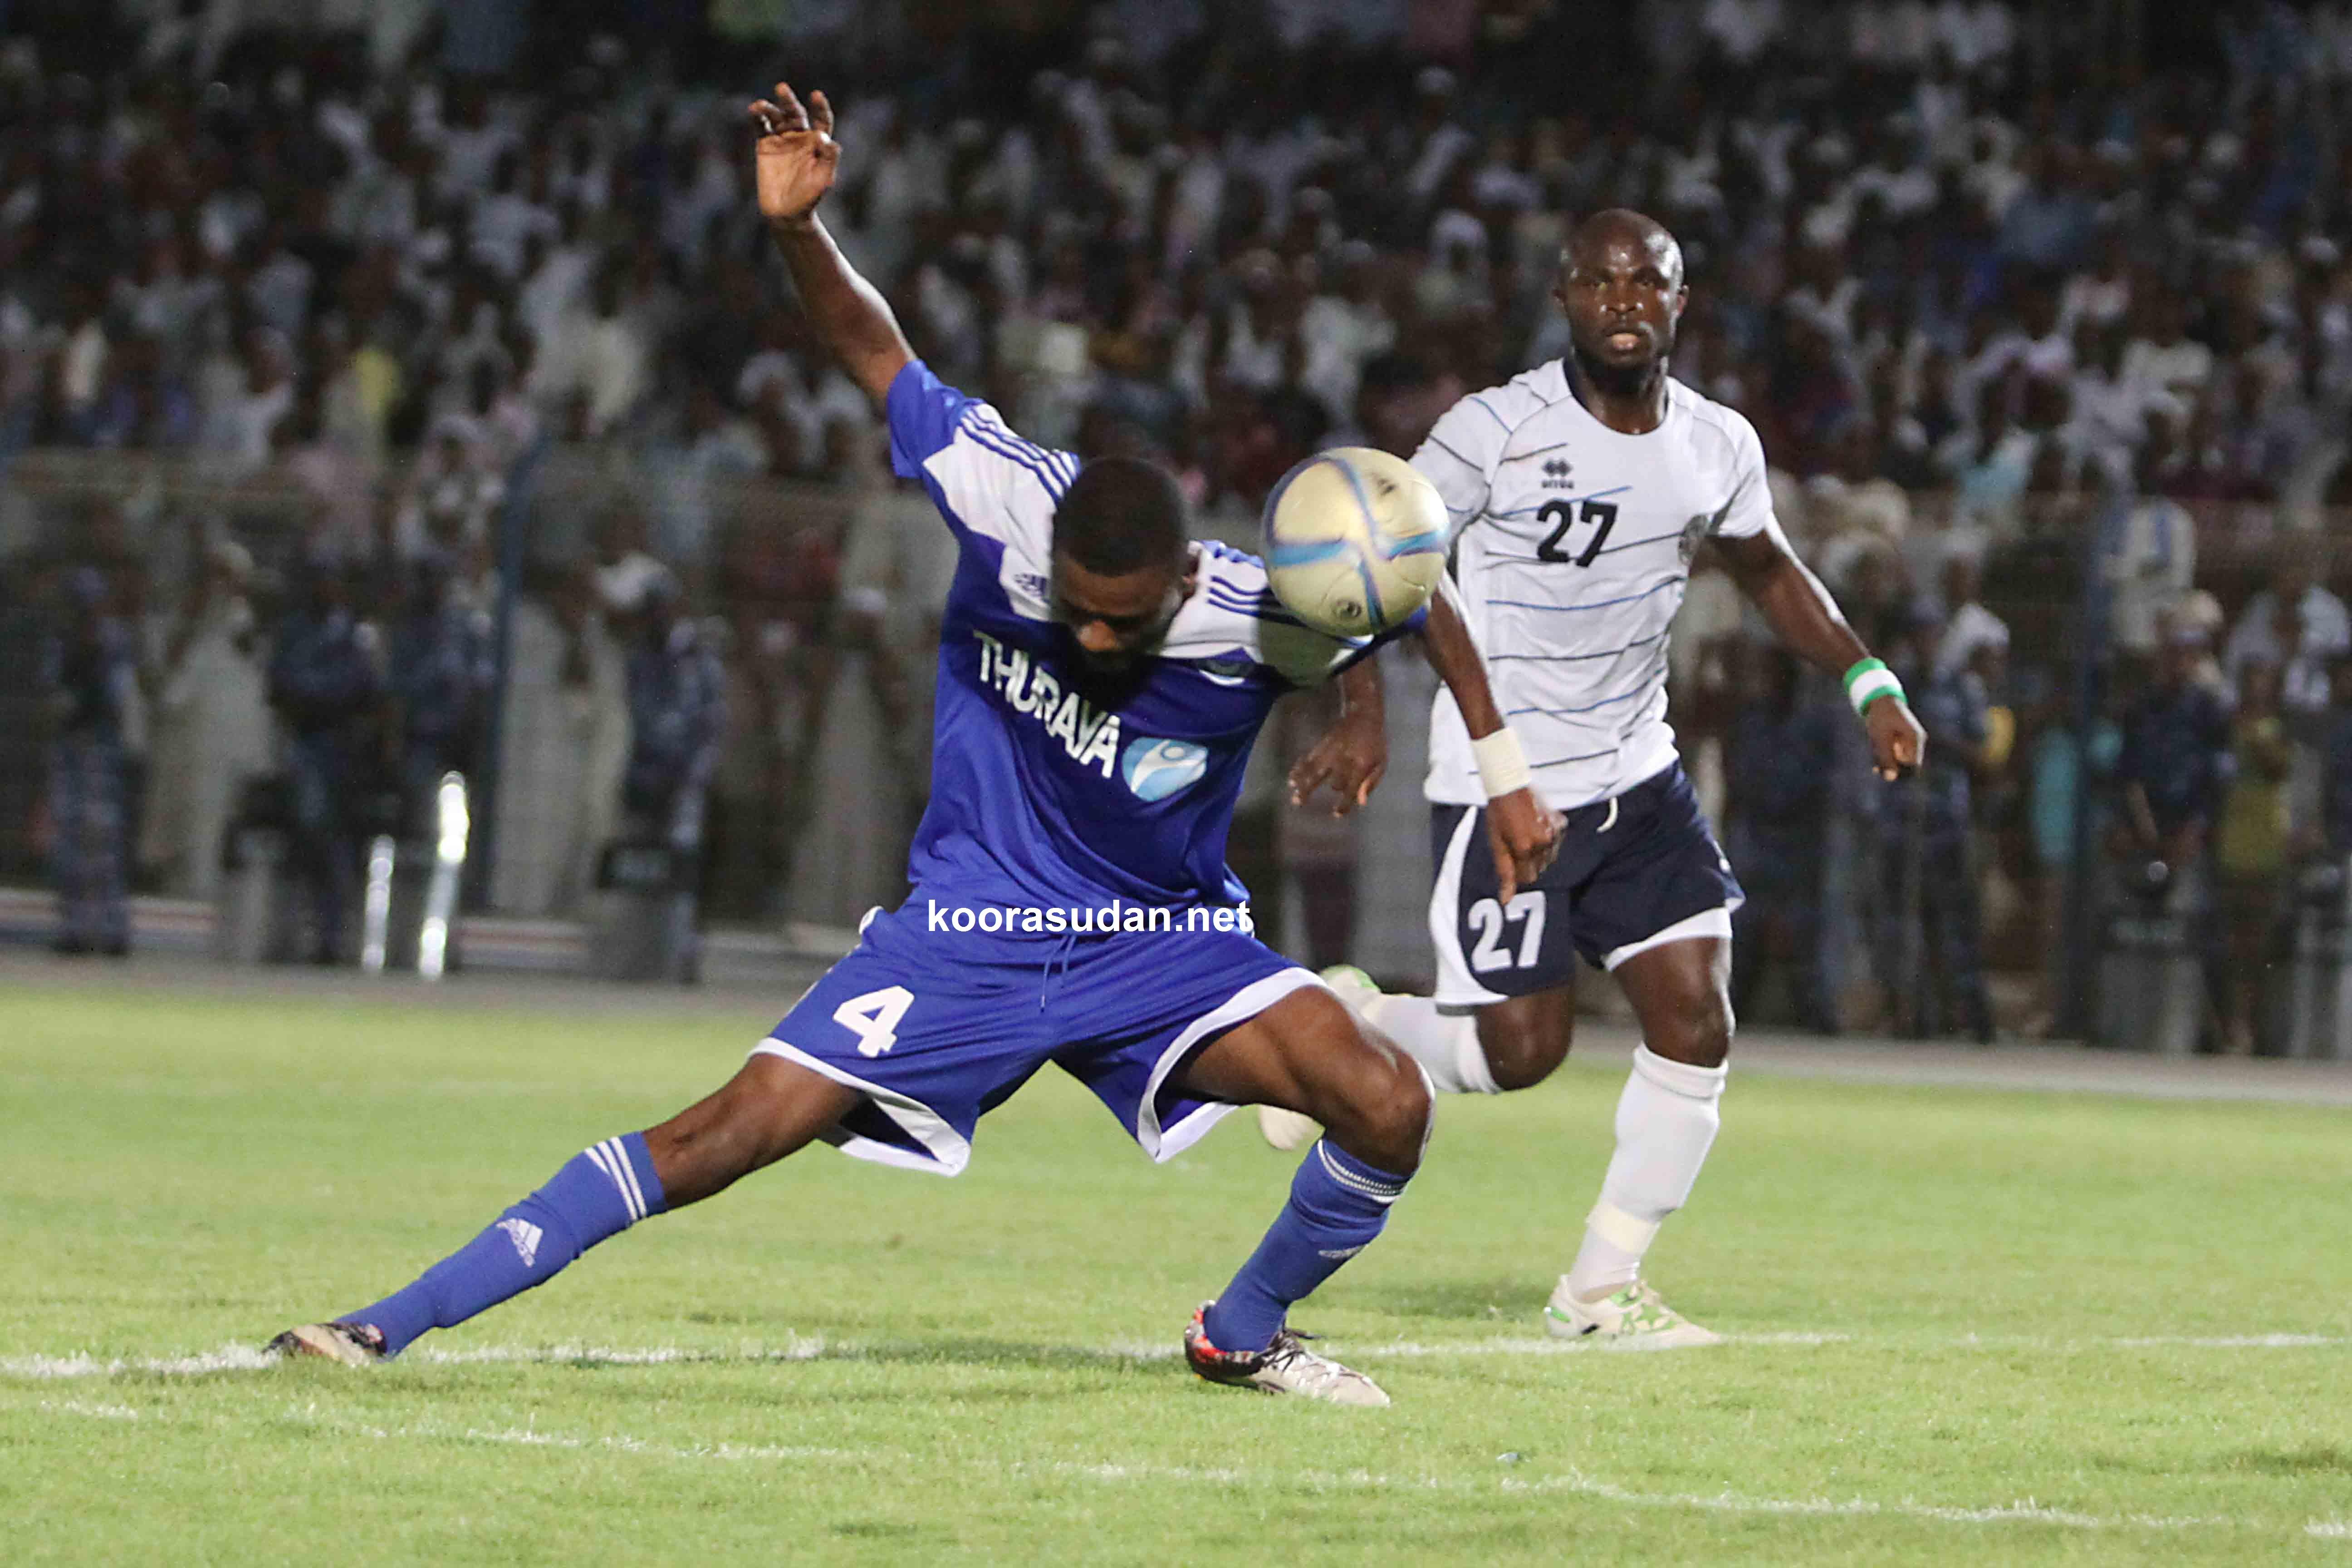 الهلال وأهلي شندي كأس السودان